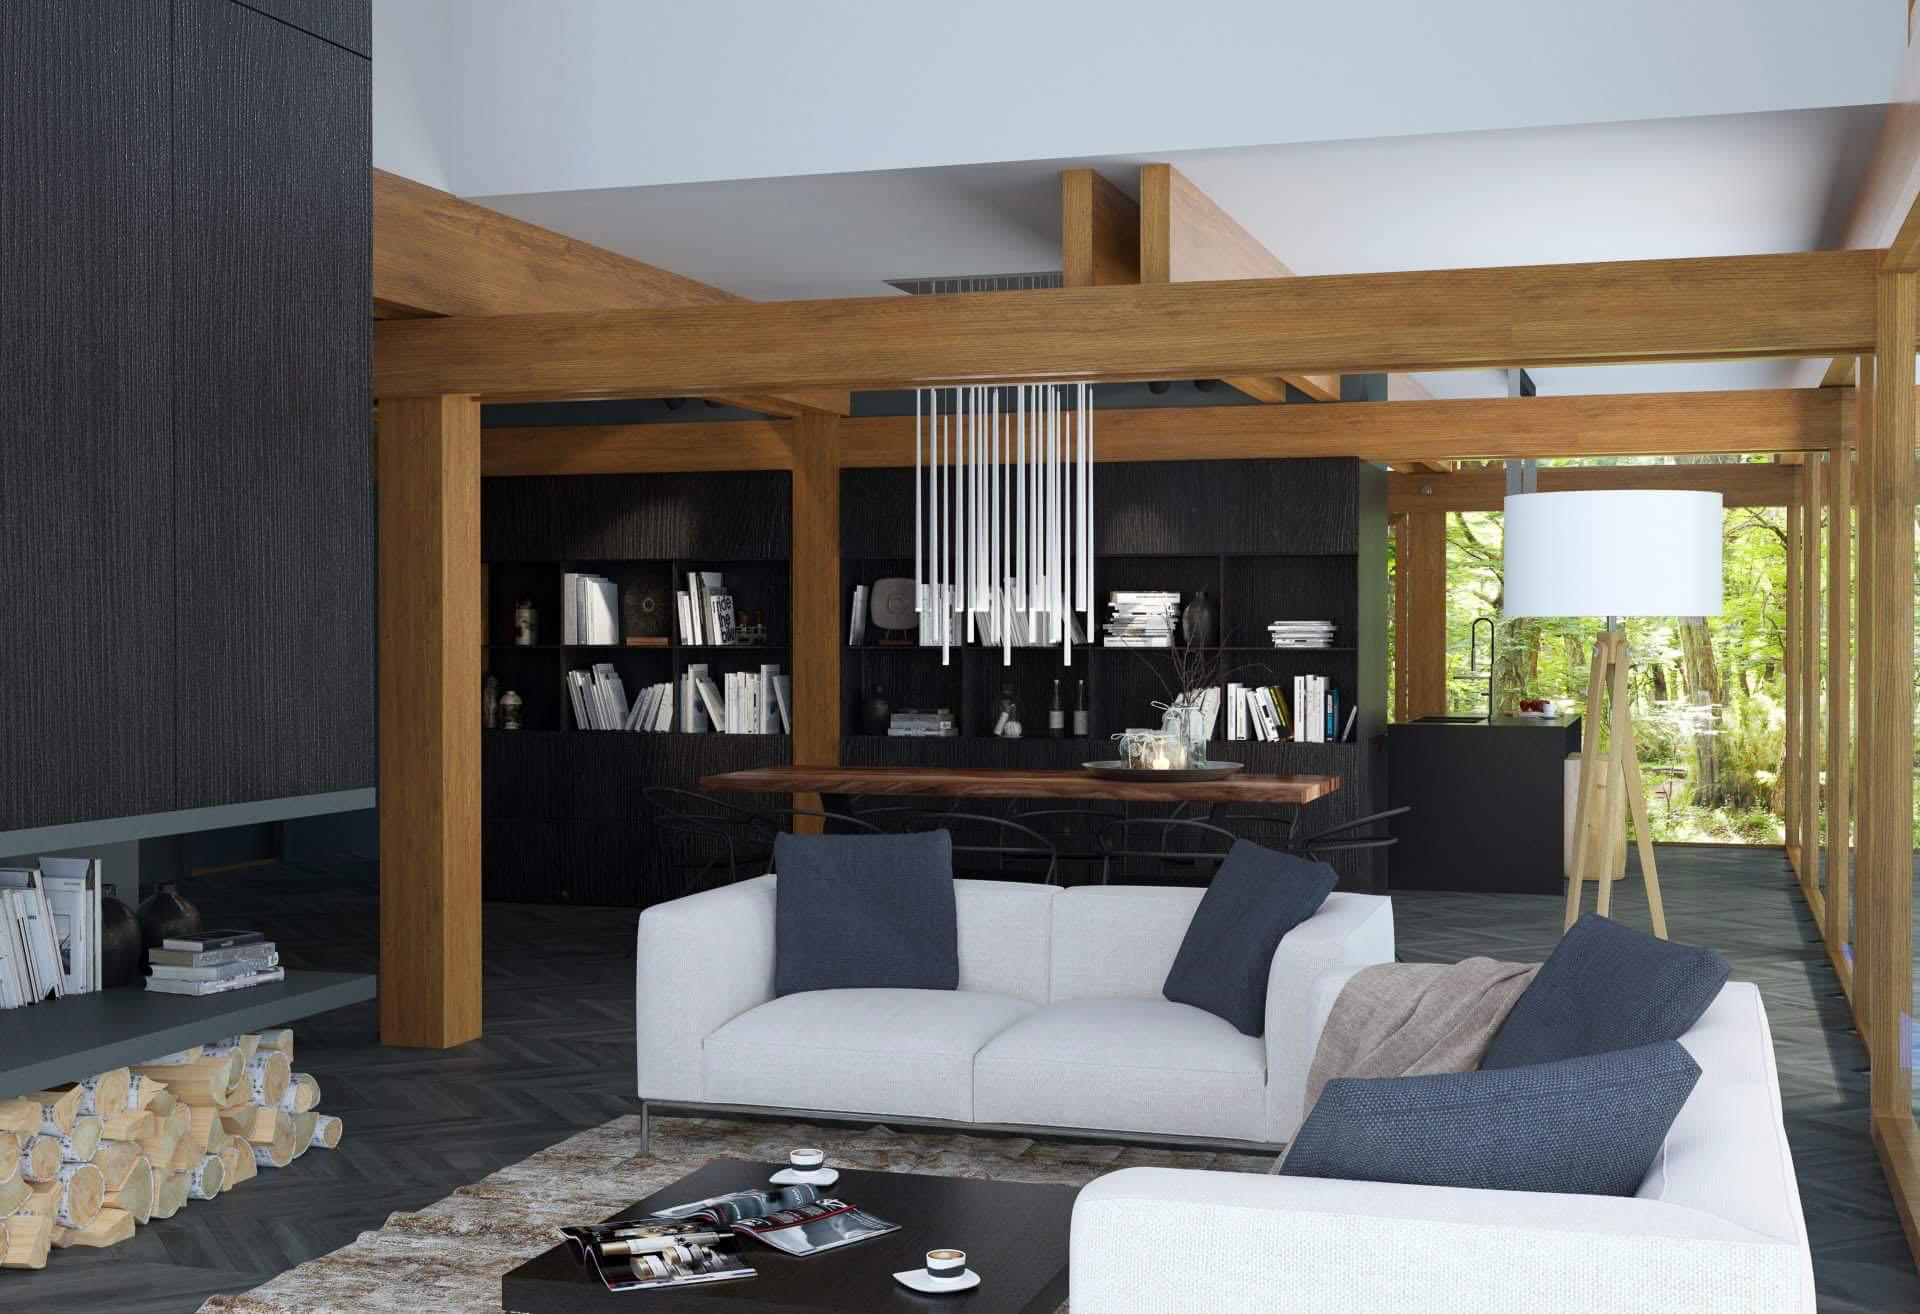 Option for living room interior design by Lera Bykova